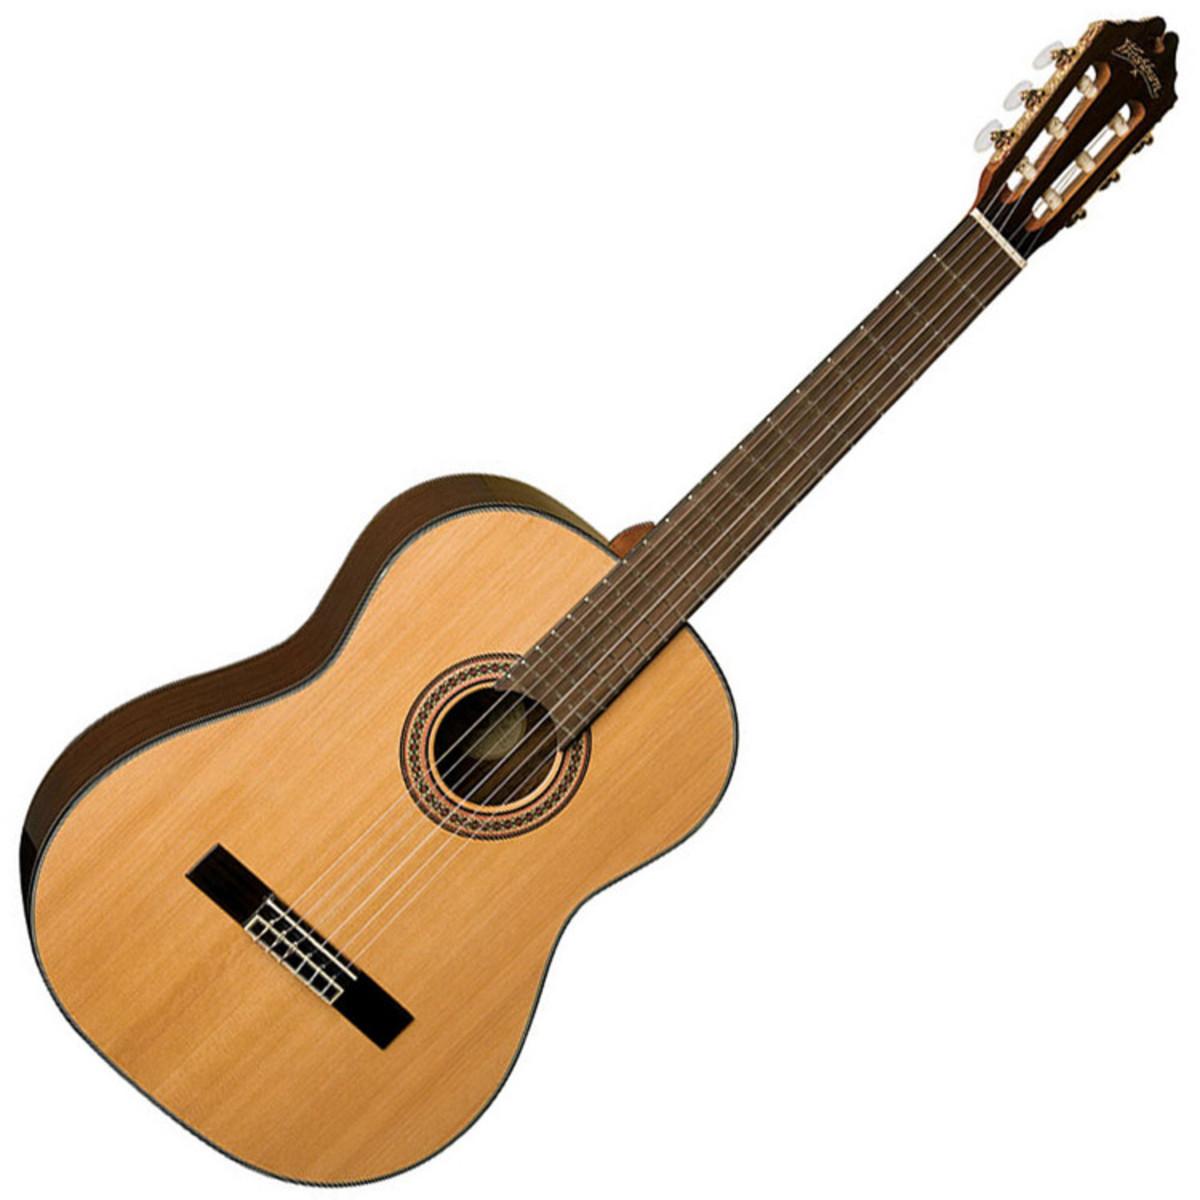 Washburn c80s guitarra cl sica natural en for Guitarras la clasica